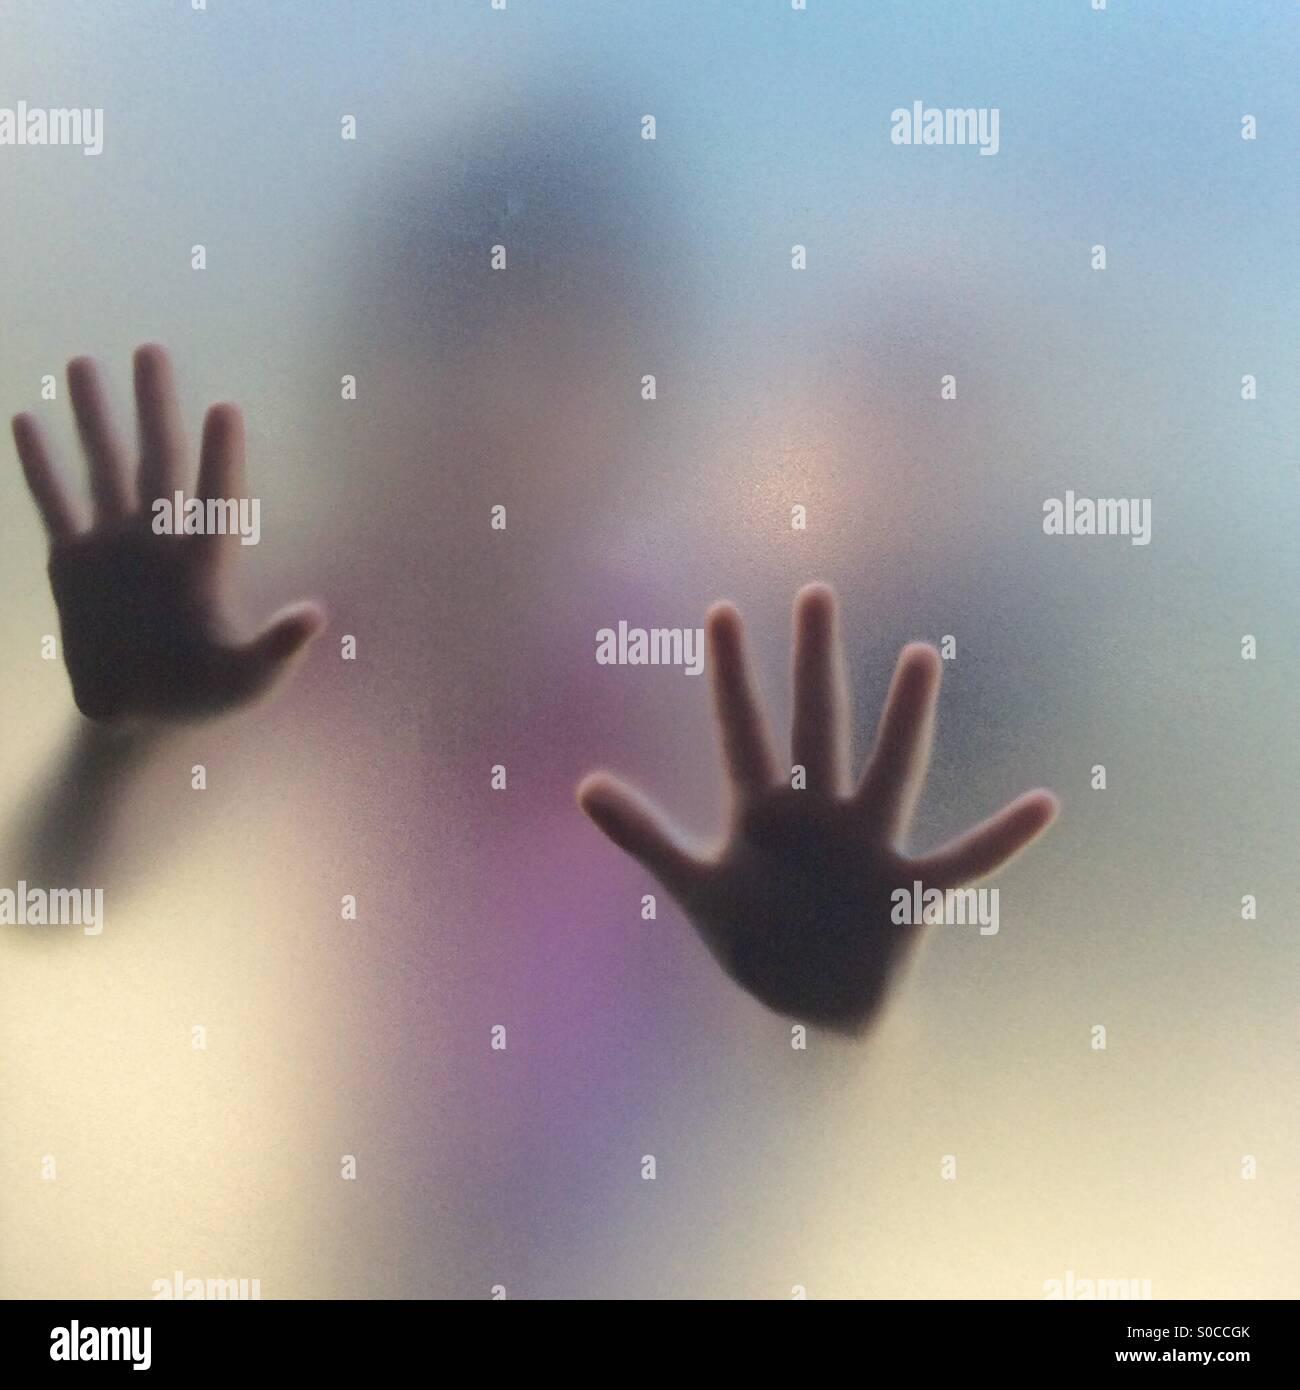 Escape - filles main dans du verre dépoli Photo Stock